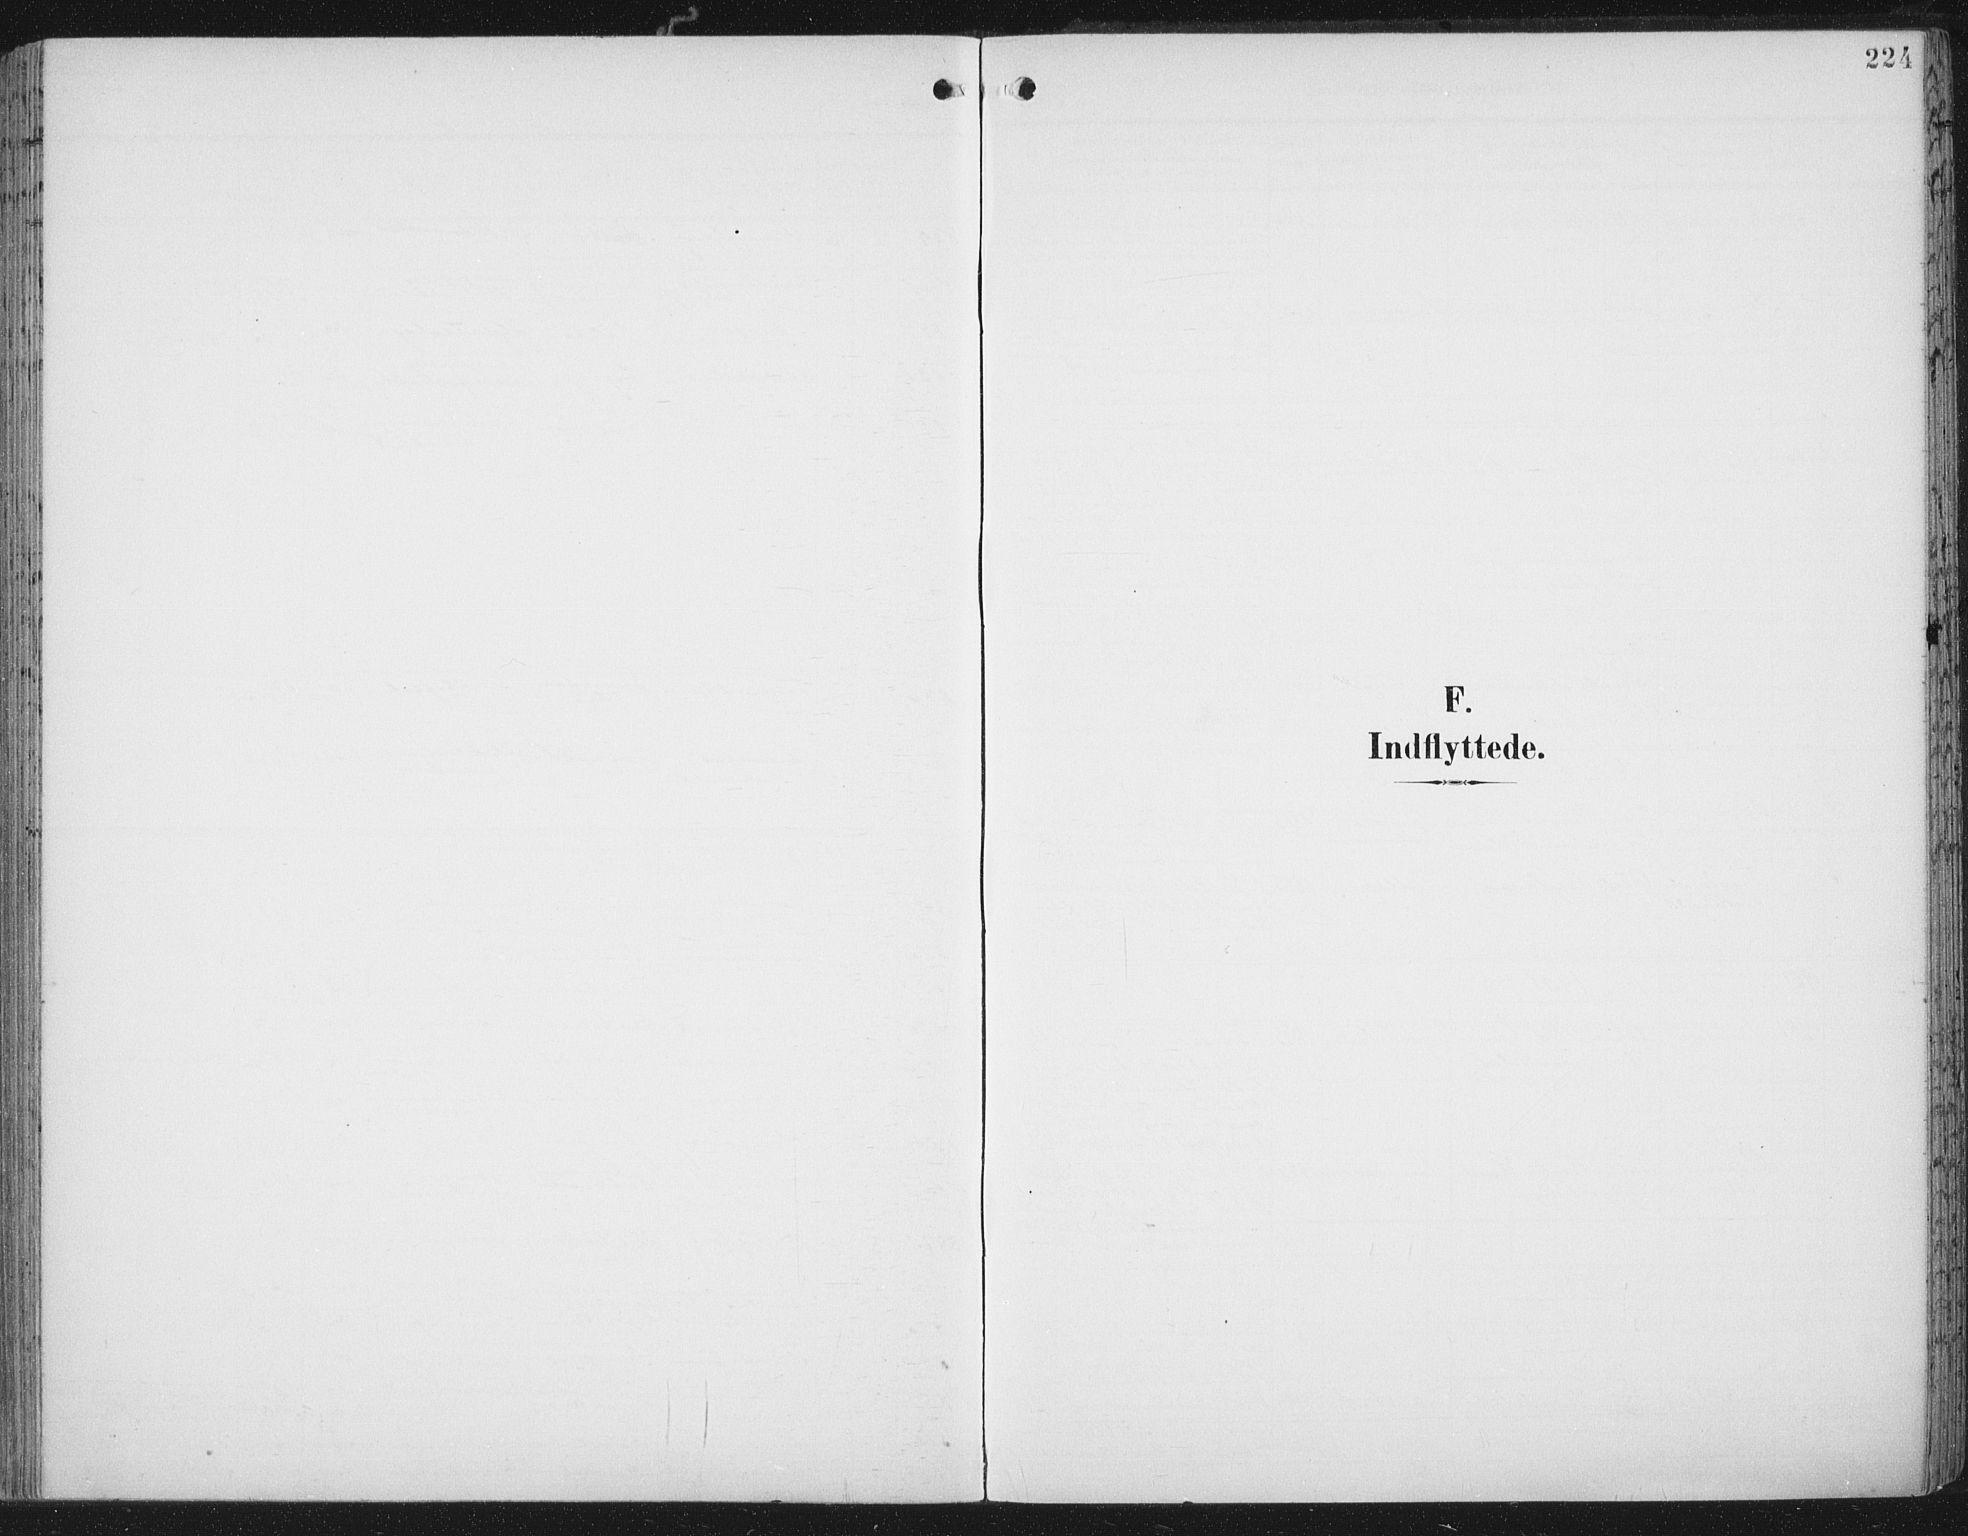 SAT, Ministerialprotokoller, klokkerbøker og fødselsregistre - Nord-Trøndelag, 701/L0011: Ministerialbok nr. 701A11, 1899-1915, s. 224